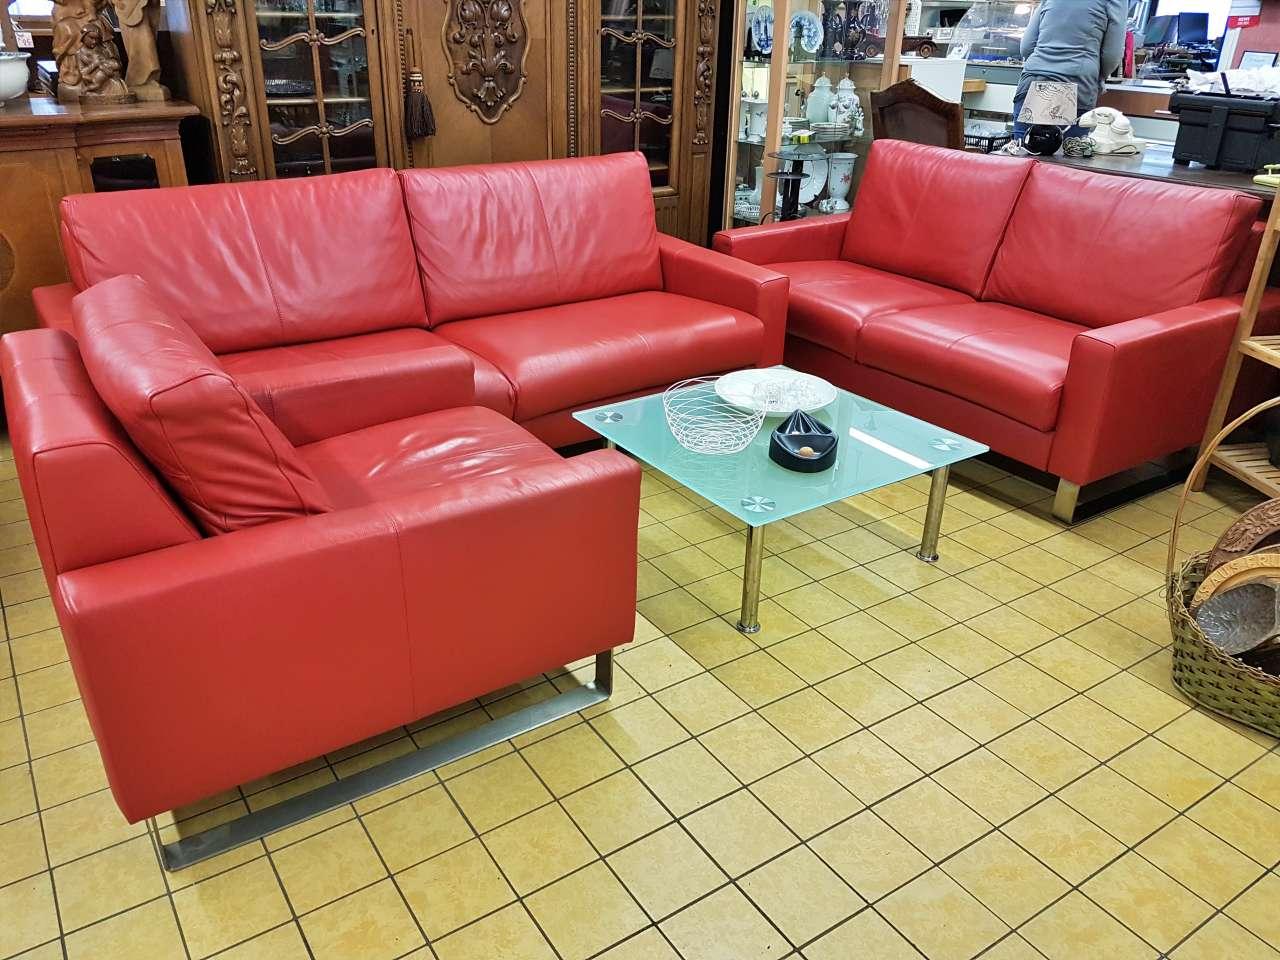 Sitzgarnitur Wohnlandschaft 2-Sitzer und Sessel rot Leder